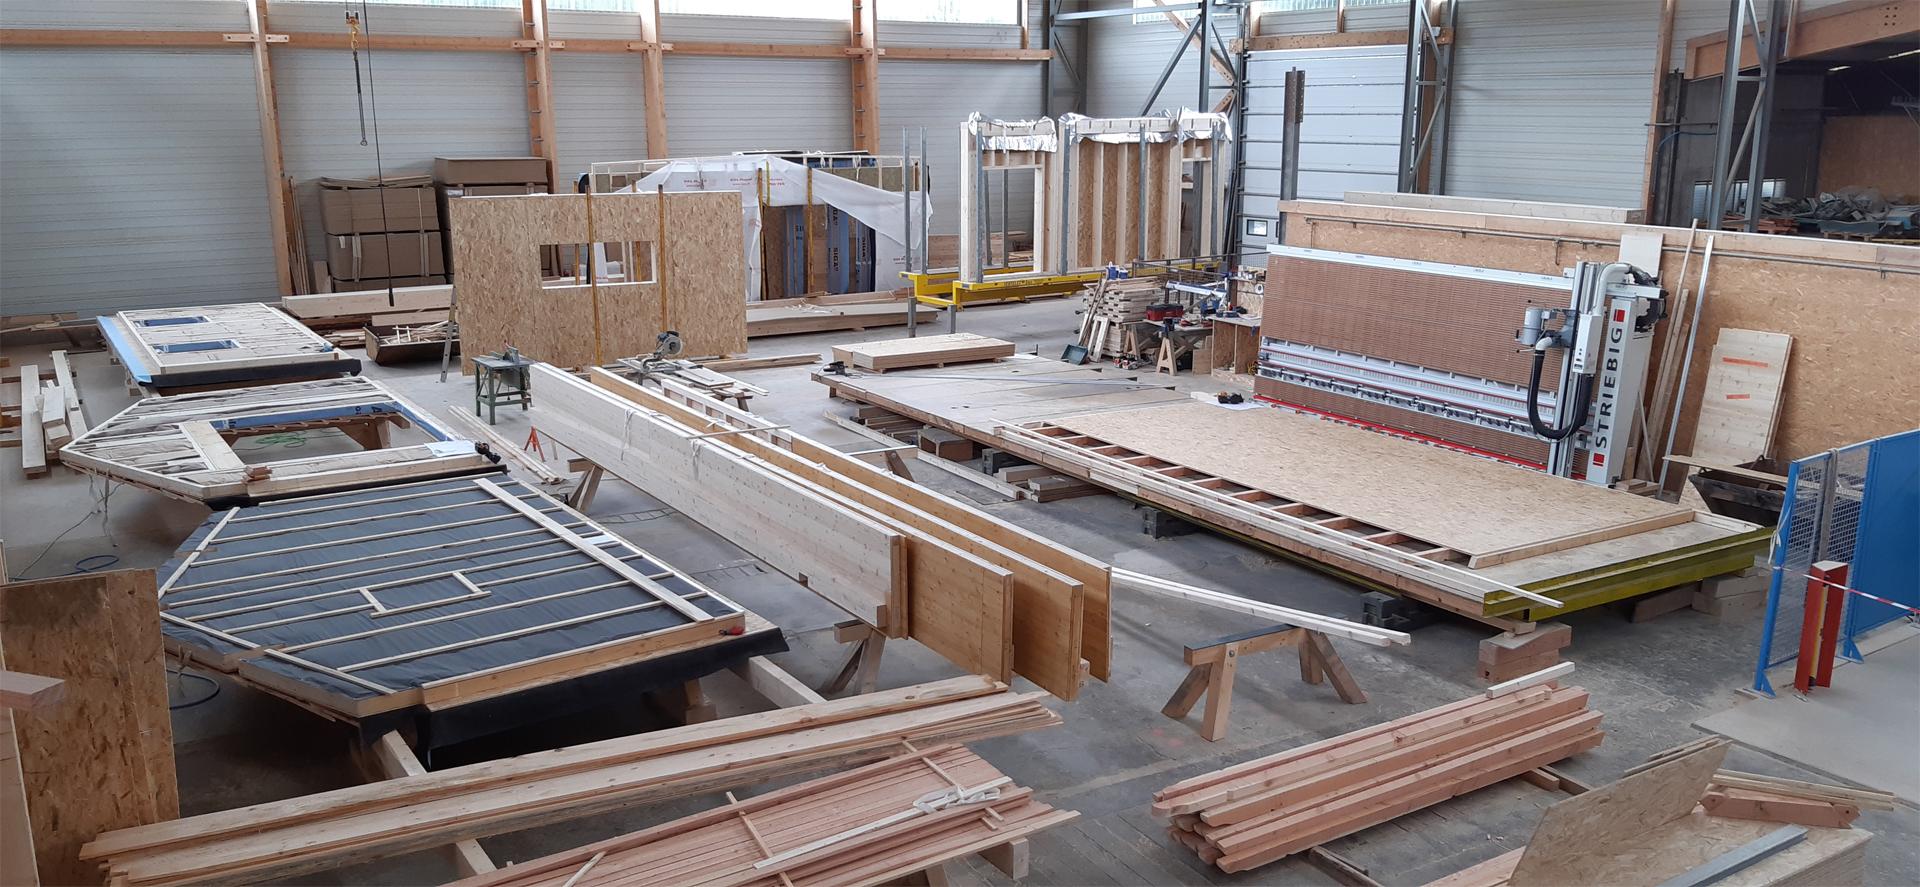 maison en bois - taillage du bois